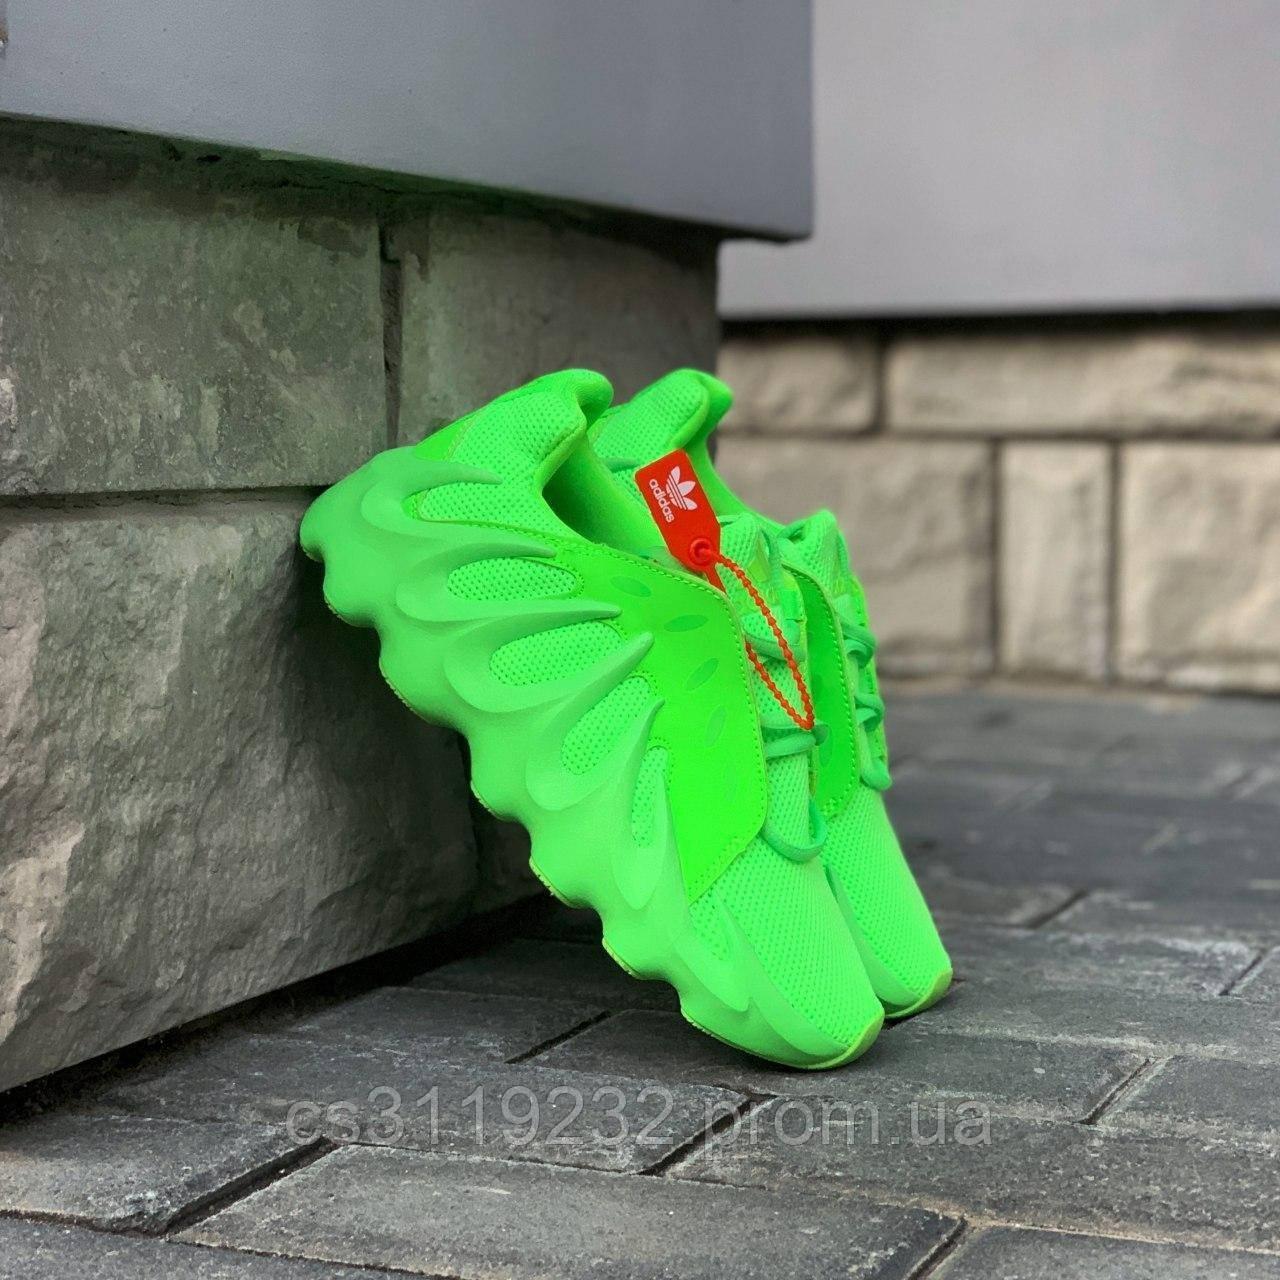 Чоловічі кросівки Adidas Yeezy boost 451 Green (зелені)